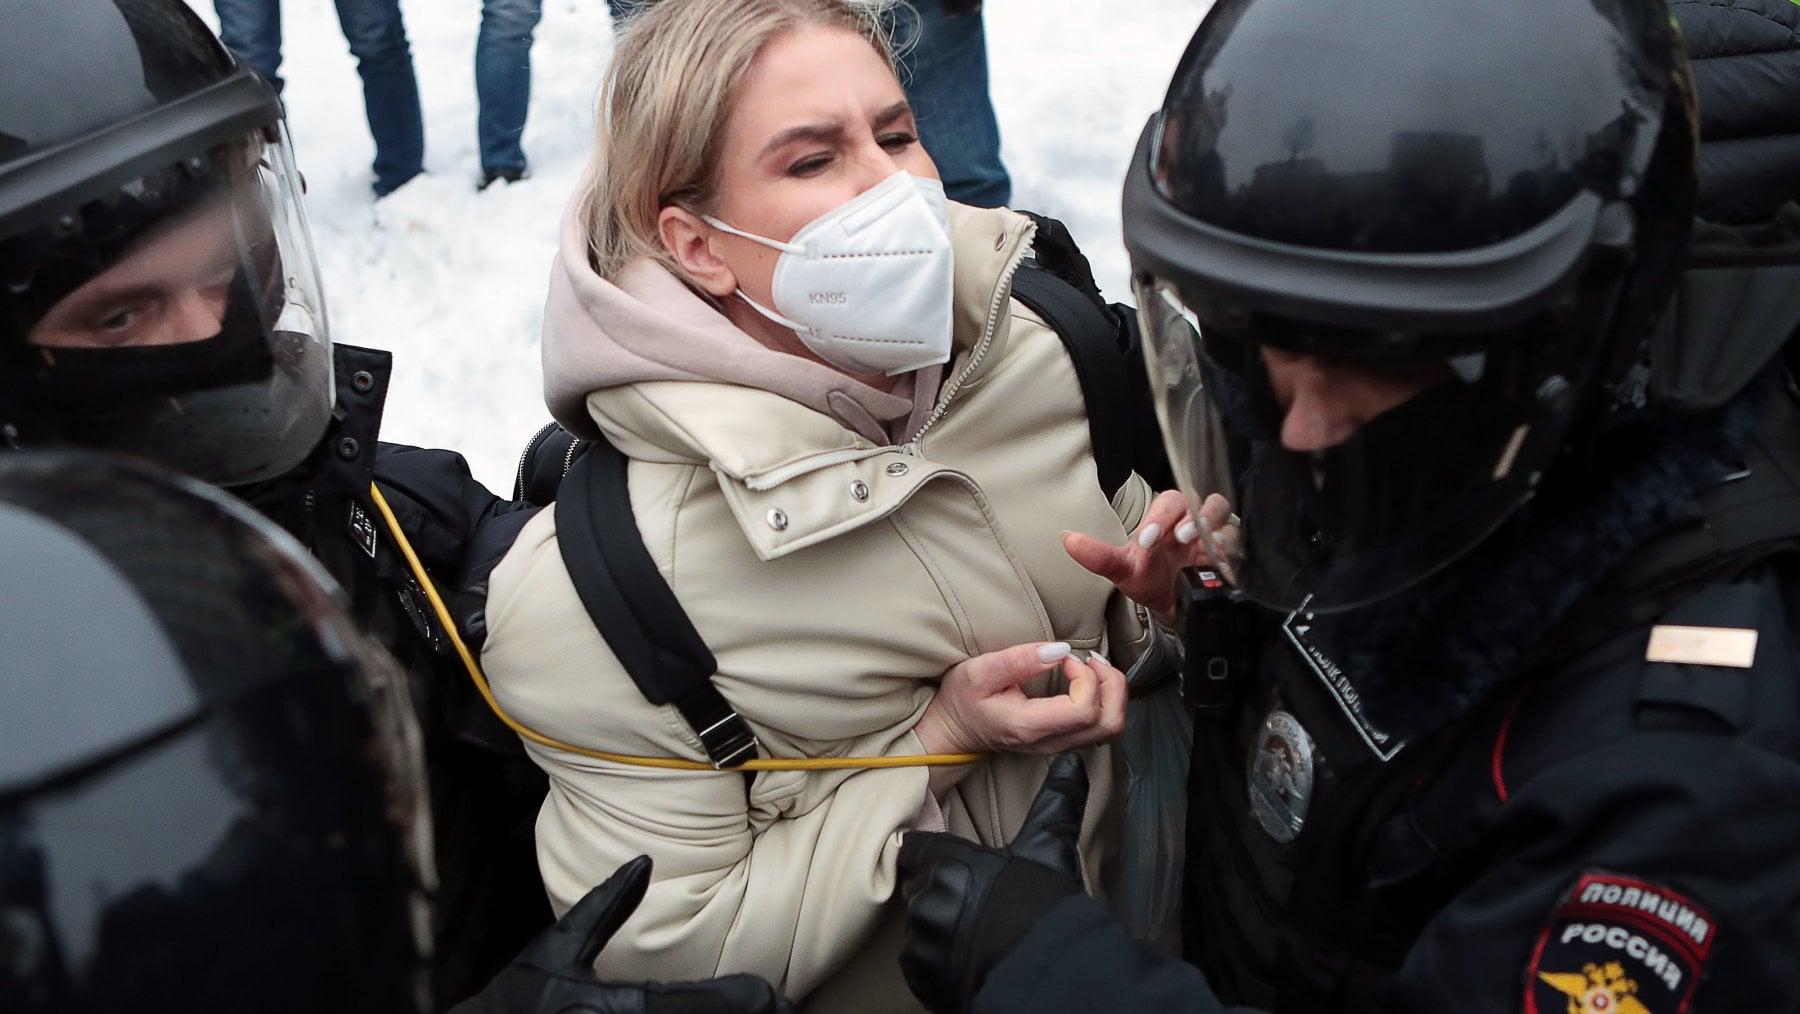 223633830 b89b17cd 32d4 4e70 b9d5 6ae6877c7c56 - Nuove manifestazioni in Russia: record di oltre 5.100 arresti in 90 città